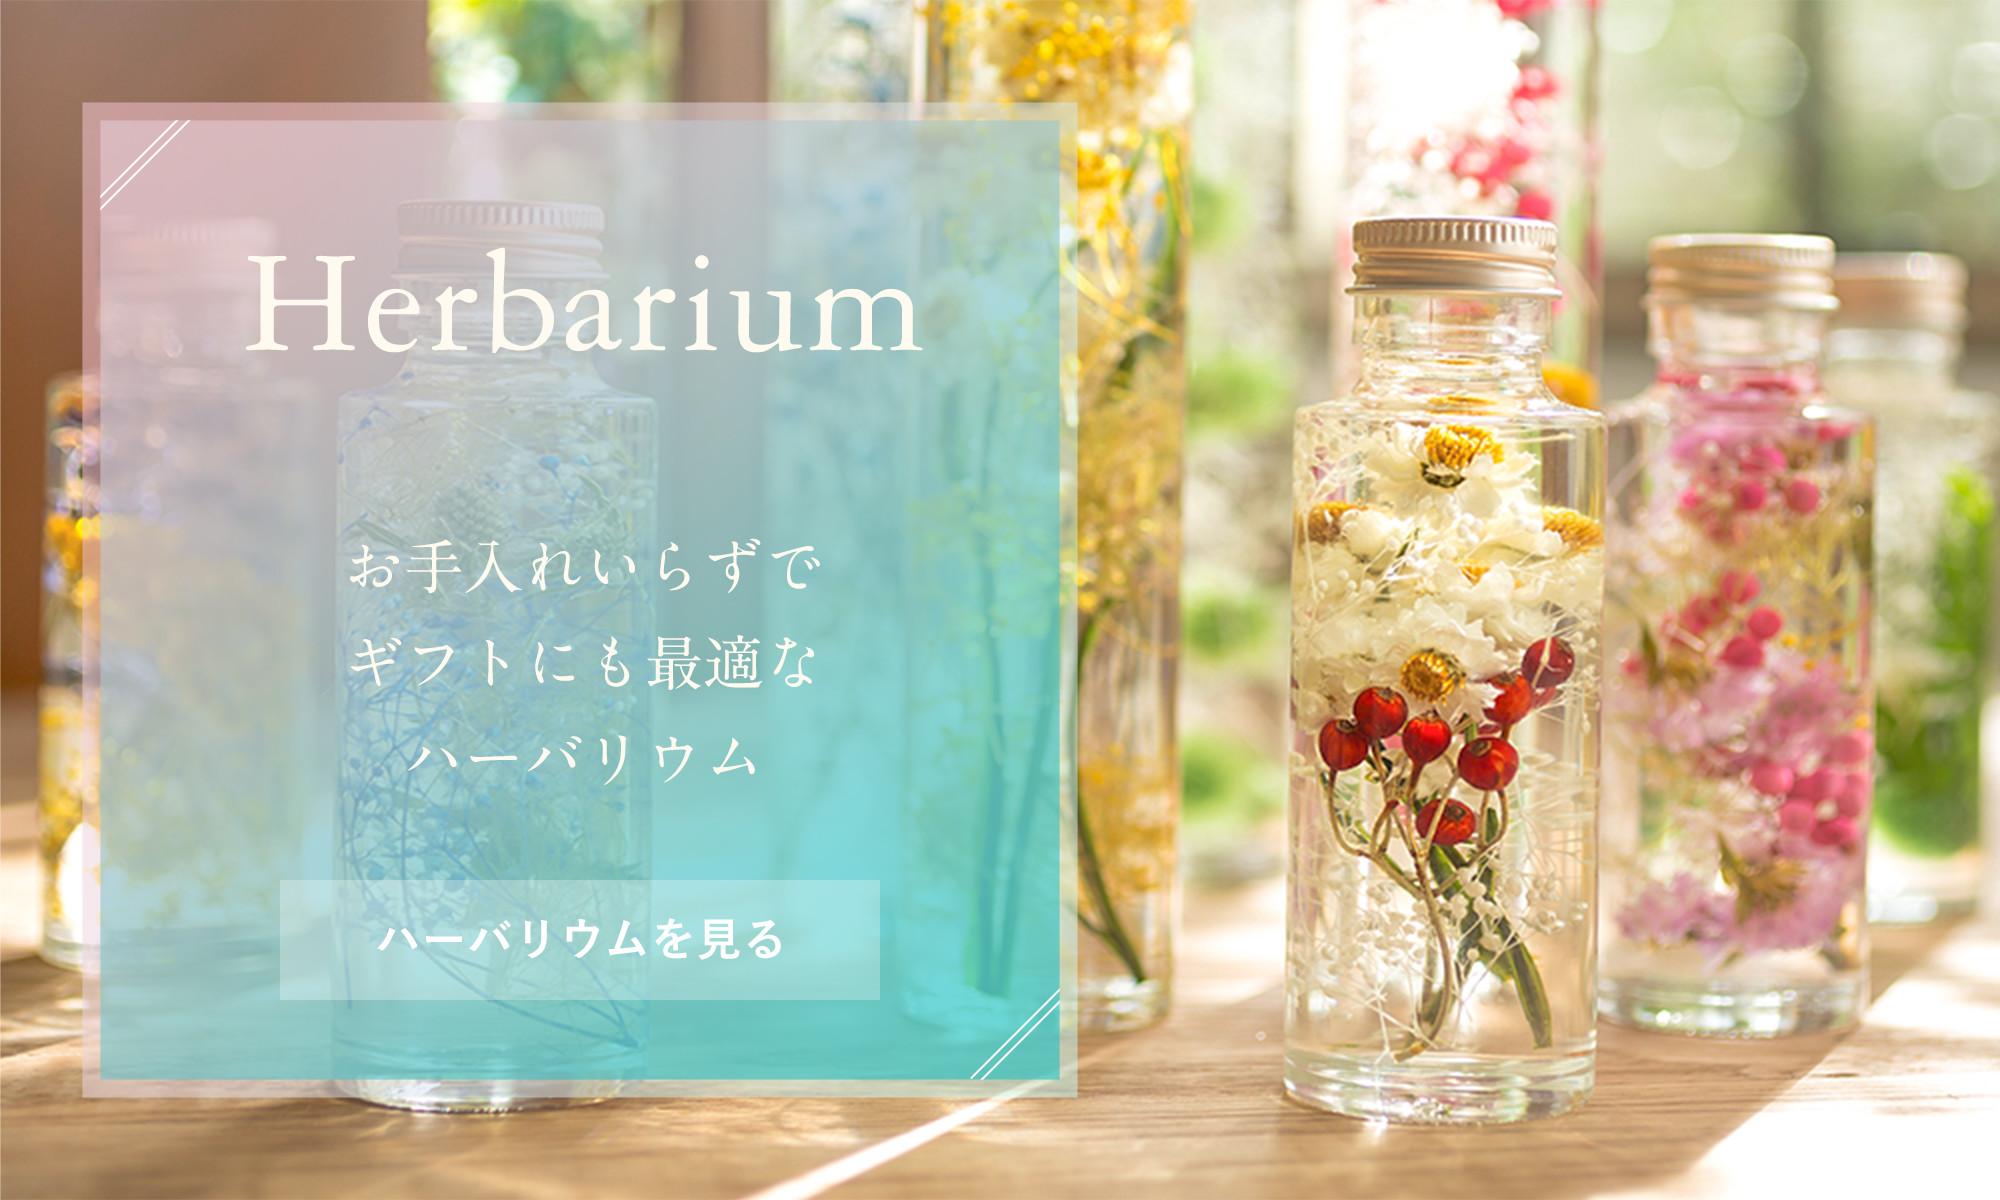 Herbarium 2018.10〜人気のハーバリウムが入荷しました!お手入れ入れずでギフトにも最適です